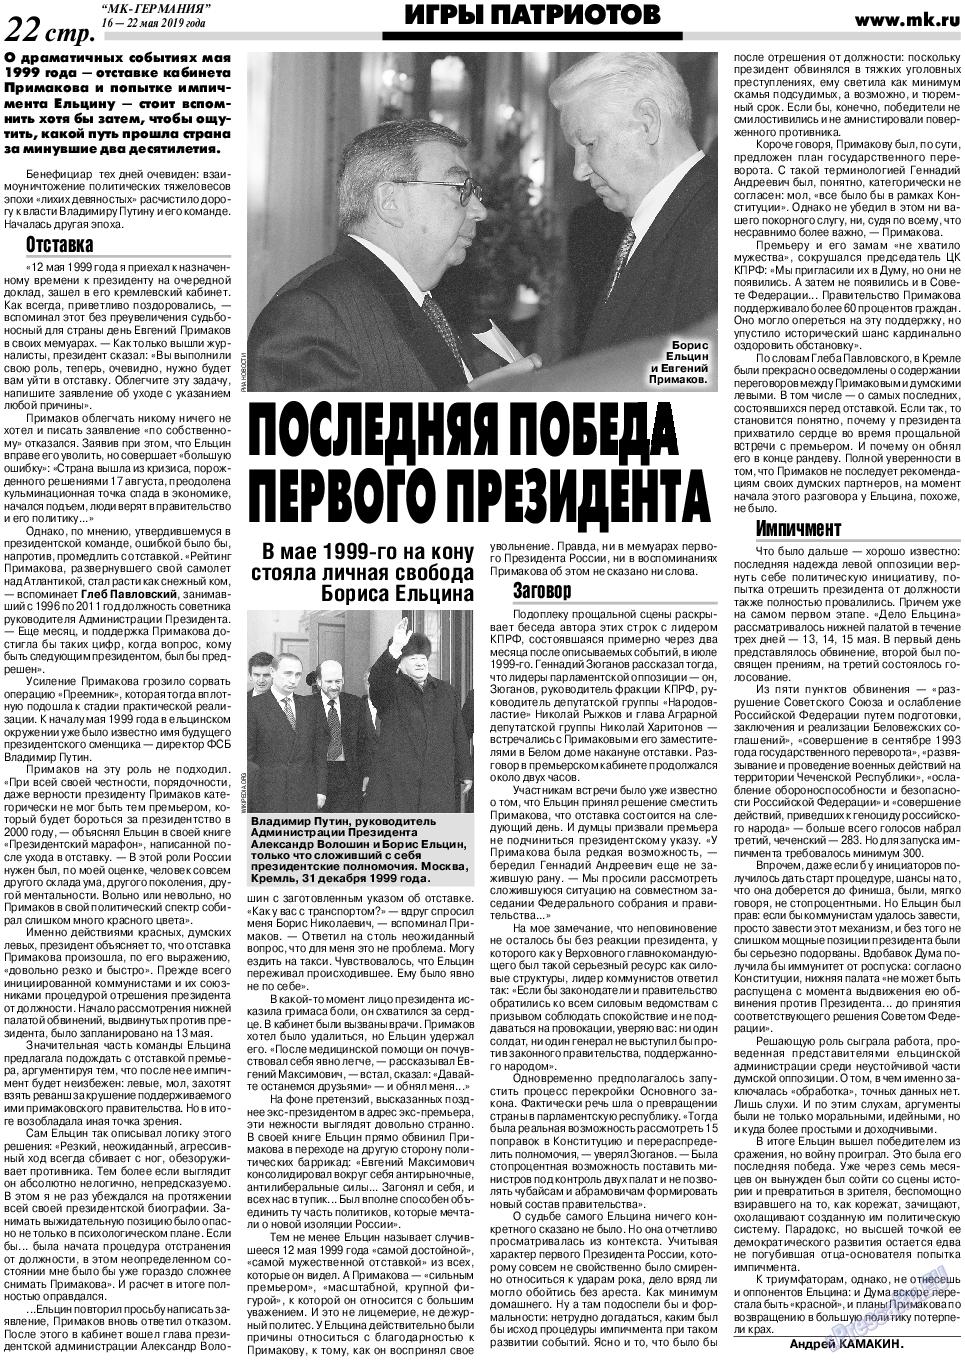 МК-Германия (газета). 2019 год, номер 21, стр. 22